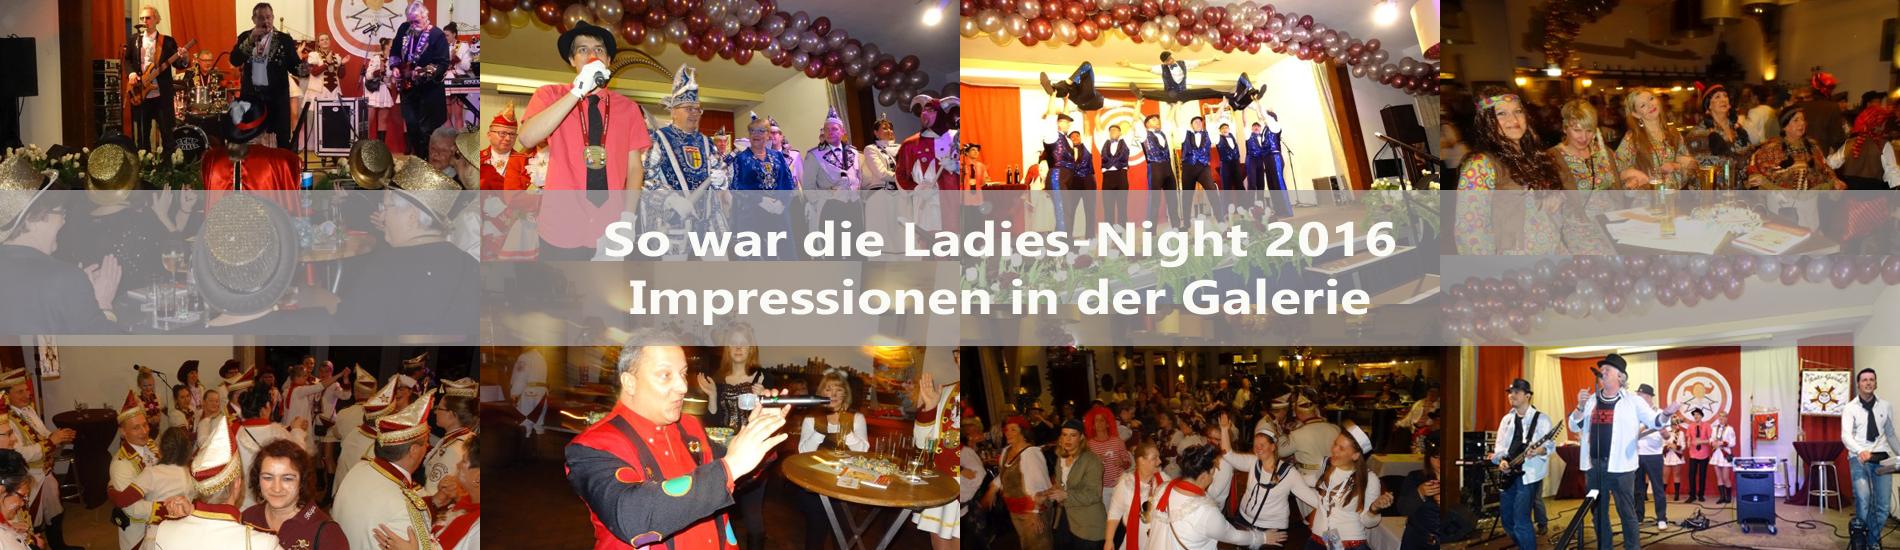 Teaser Ladies-Night 2016 Impessionen